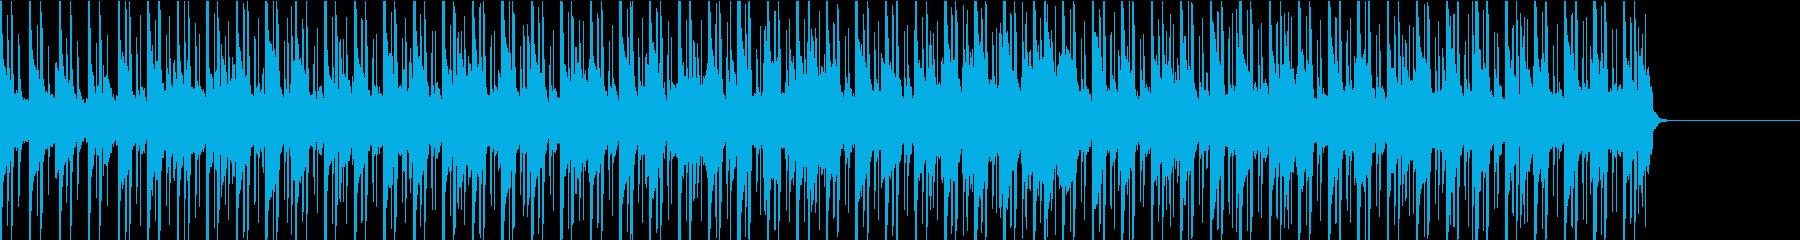 シンプルで色気のある曲の再生済みの波形